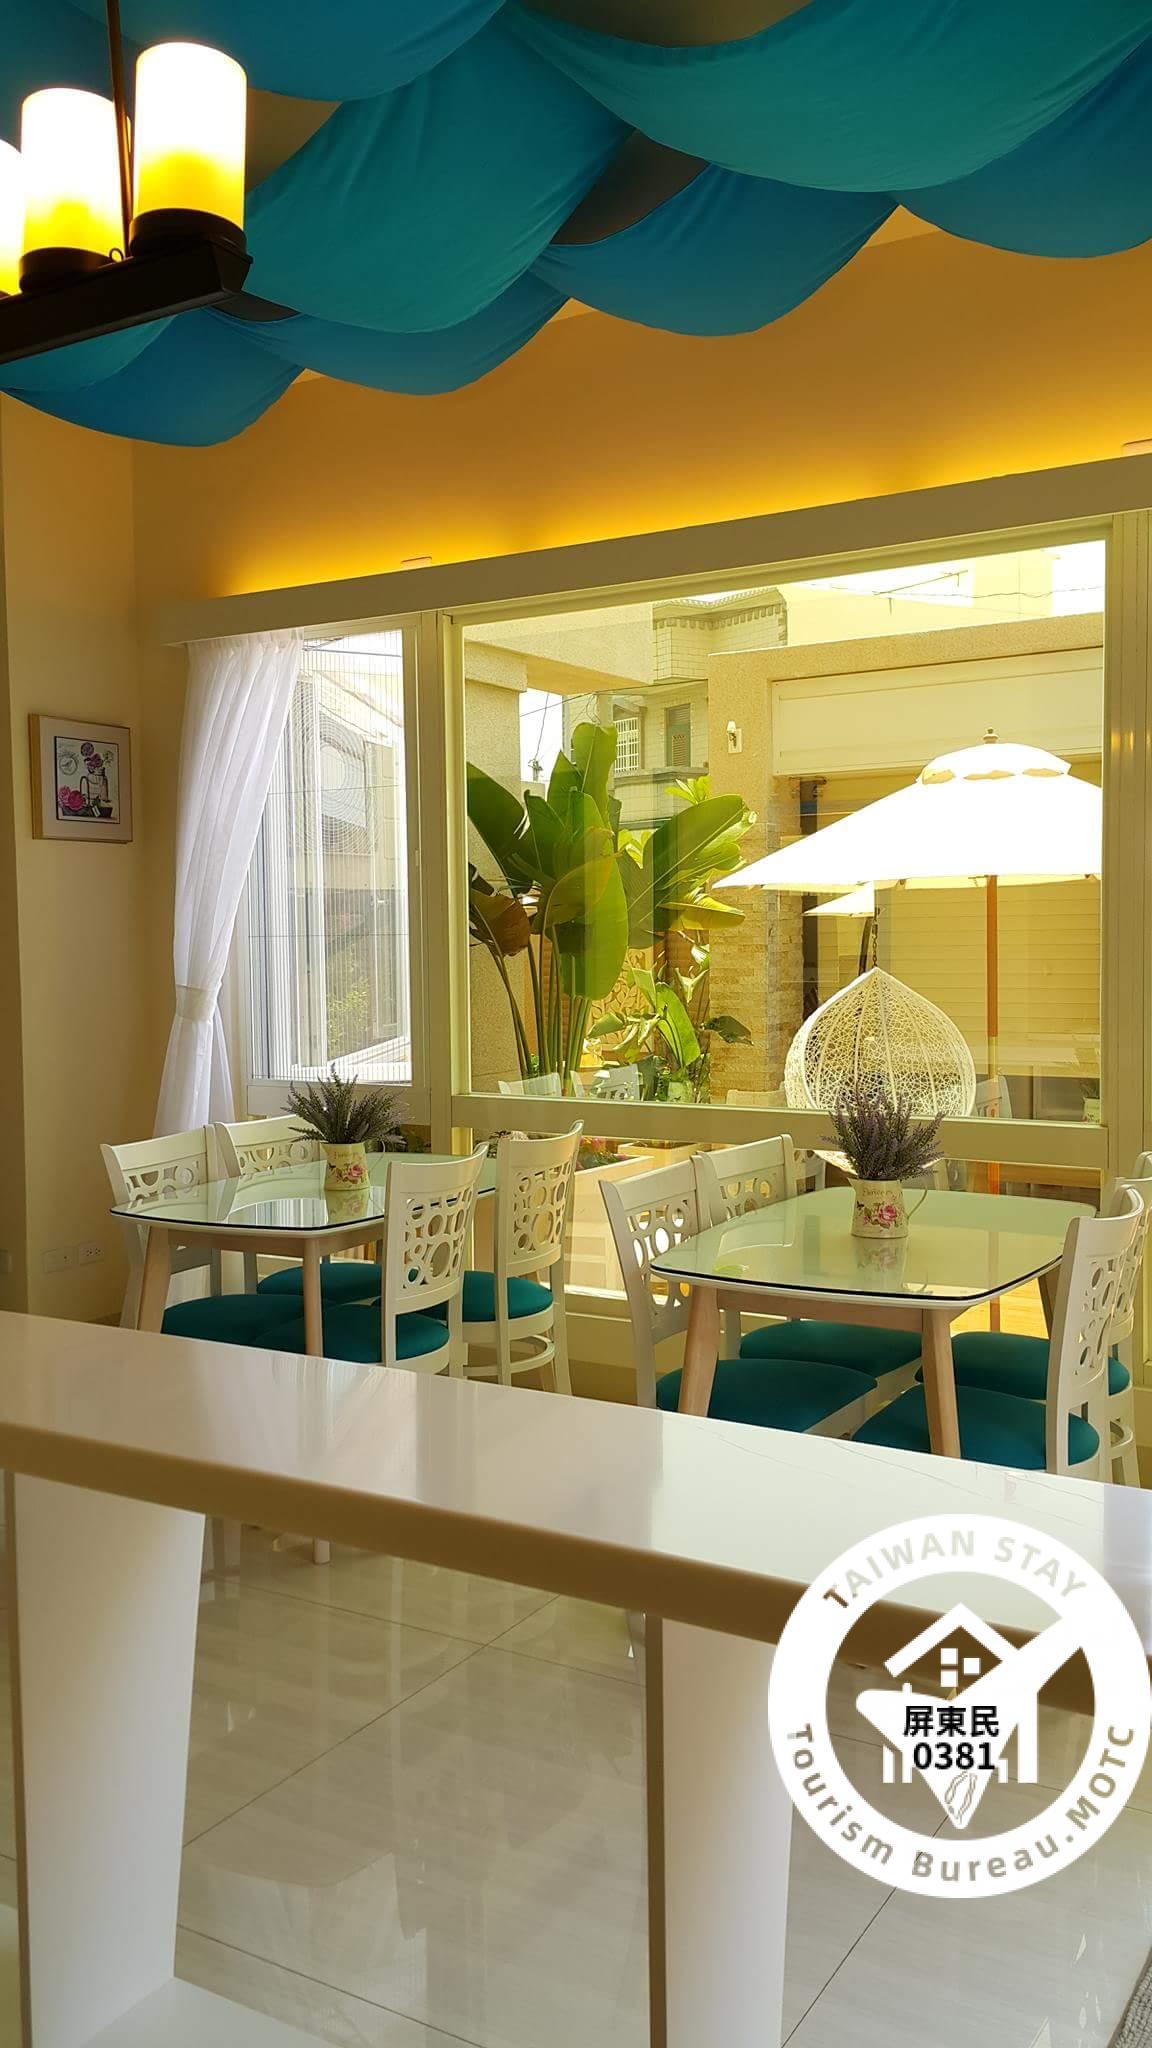 民宿高雅的咖啡廳、可讓遊客朋友歇歇腳、品嚐一杯香純咖啡、盡情享用女主人精心料理的美食,滿足您豐富的味蕾。